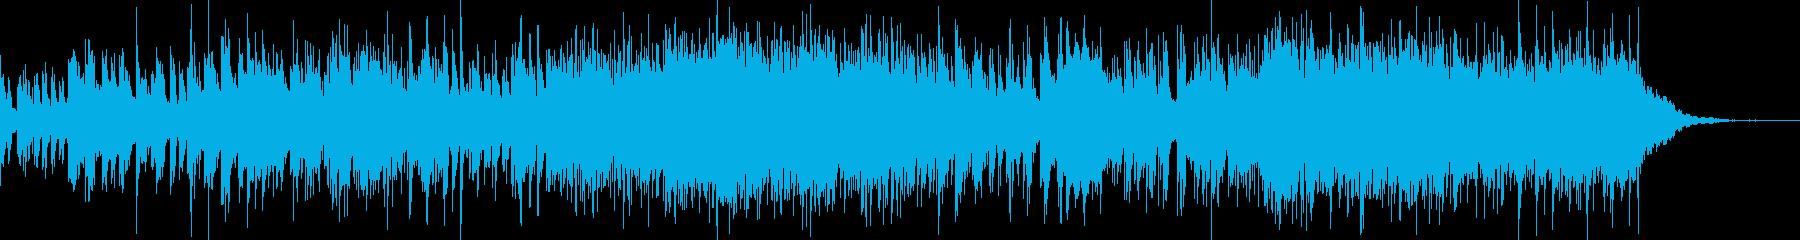 前向きになれそうなピアノ楽曲の再生済みの波形